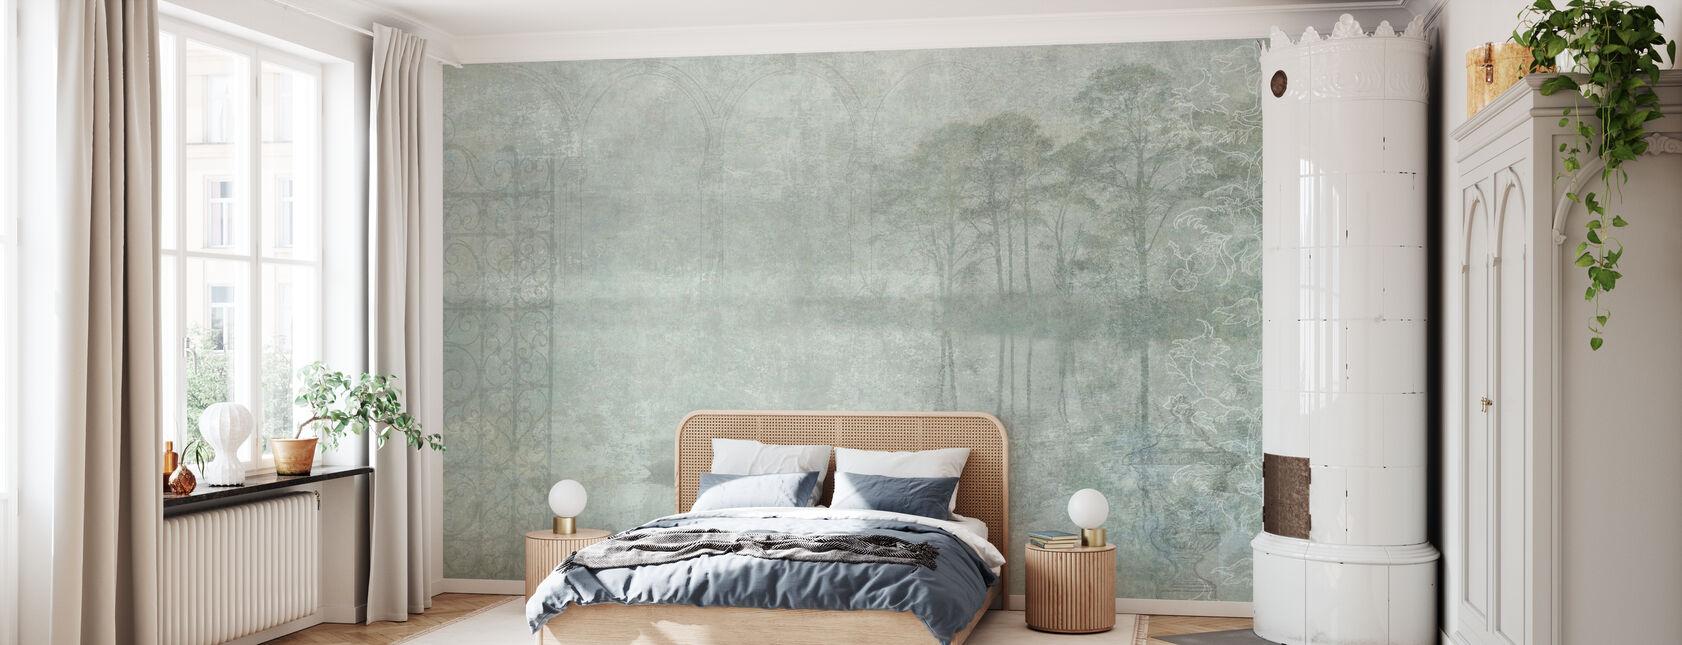 Reminiscence Serie Schwan - Tapete - Schlafzimmer